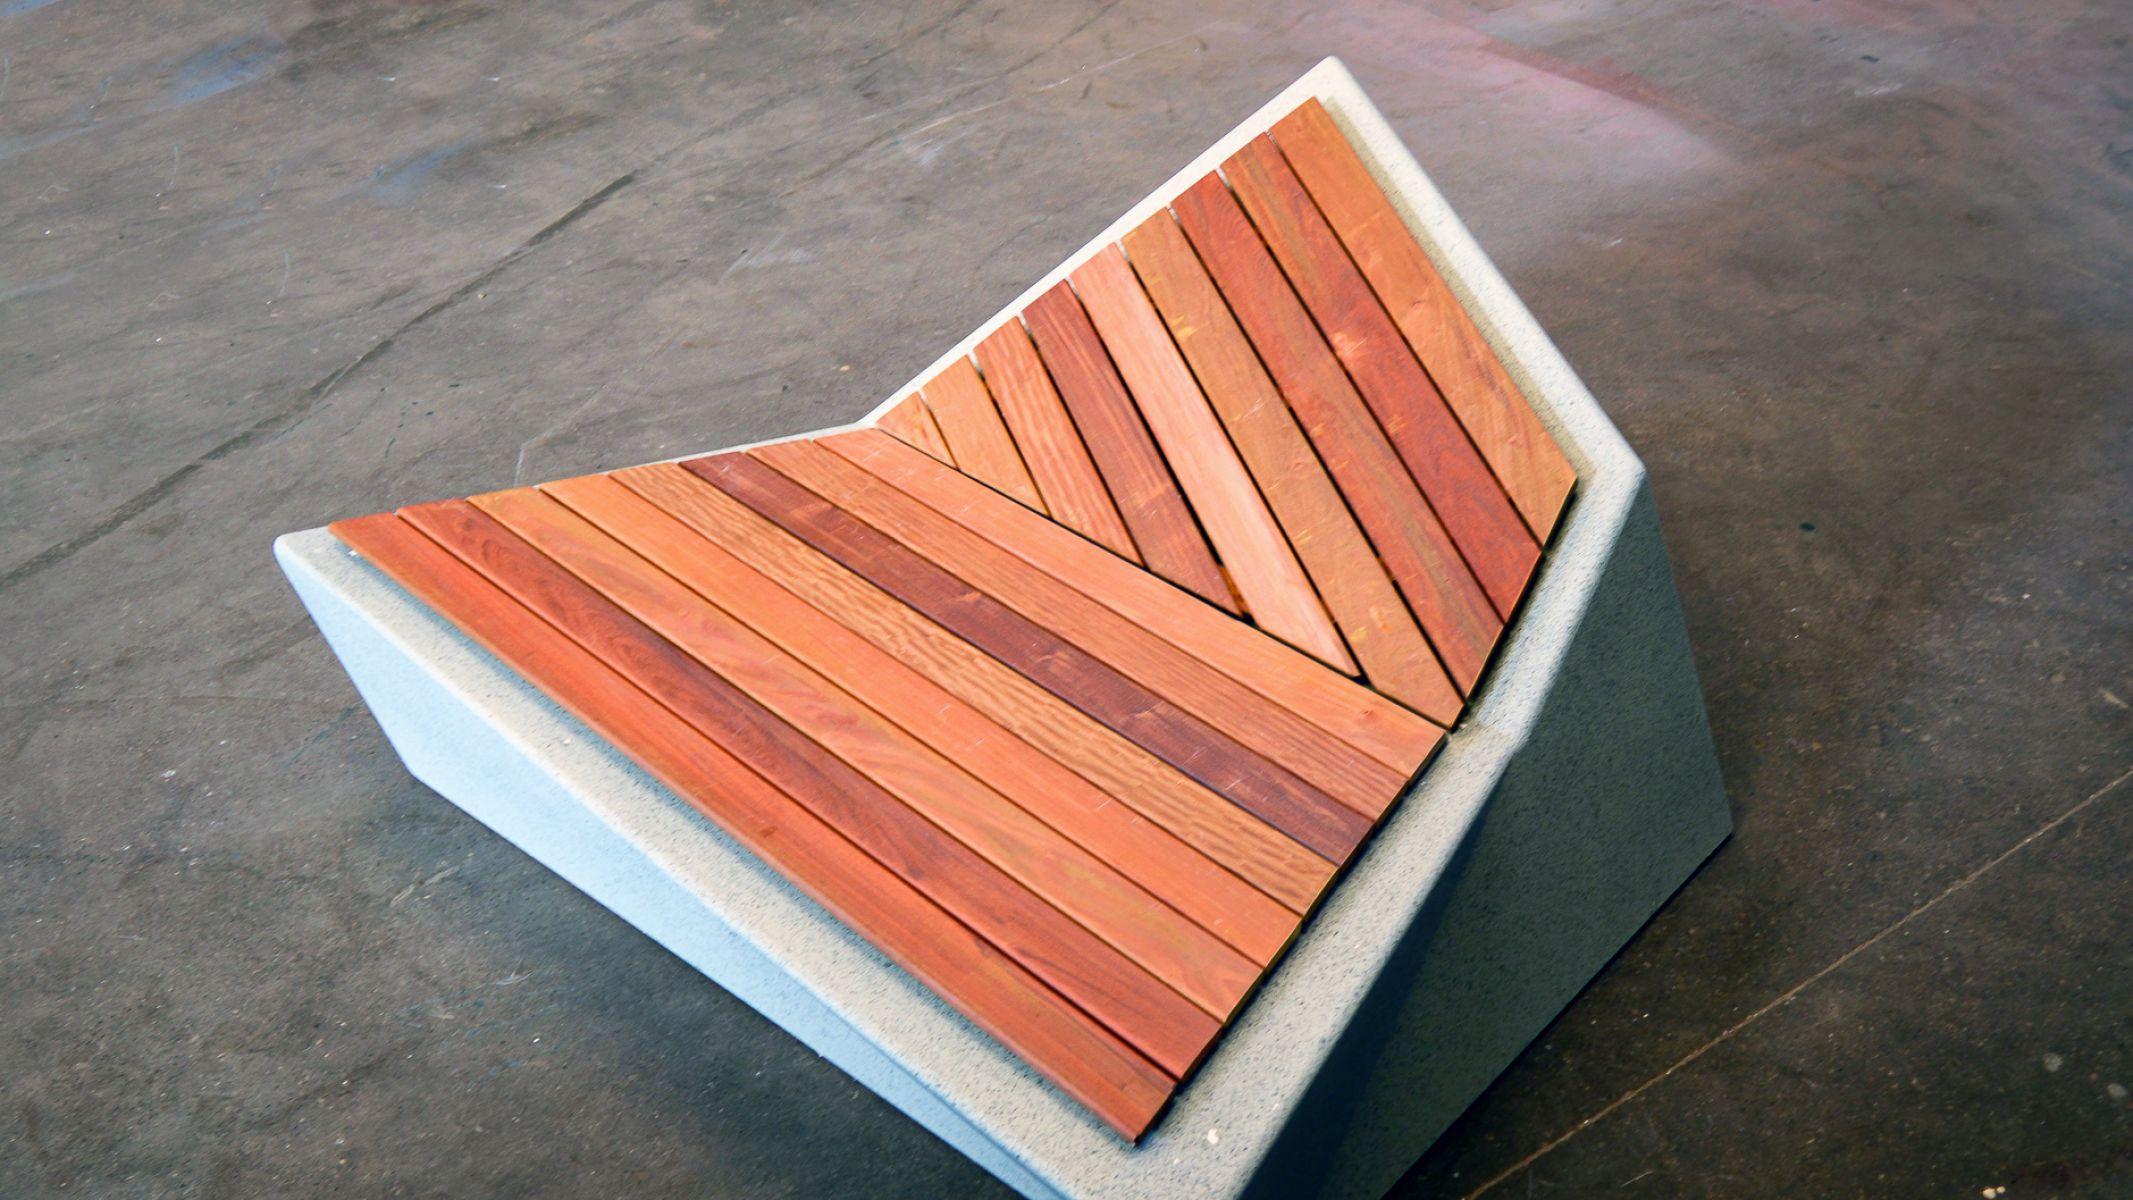 Roc zitelement van beton met houten zitvlak